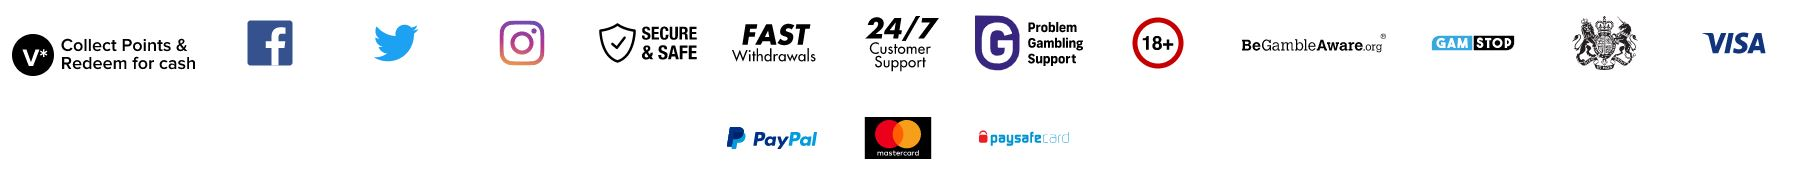 Muchos métodos de pago son aceptados en Virgin Games.